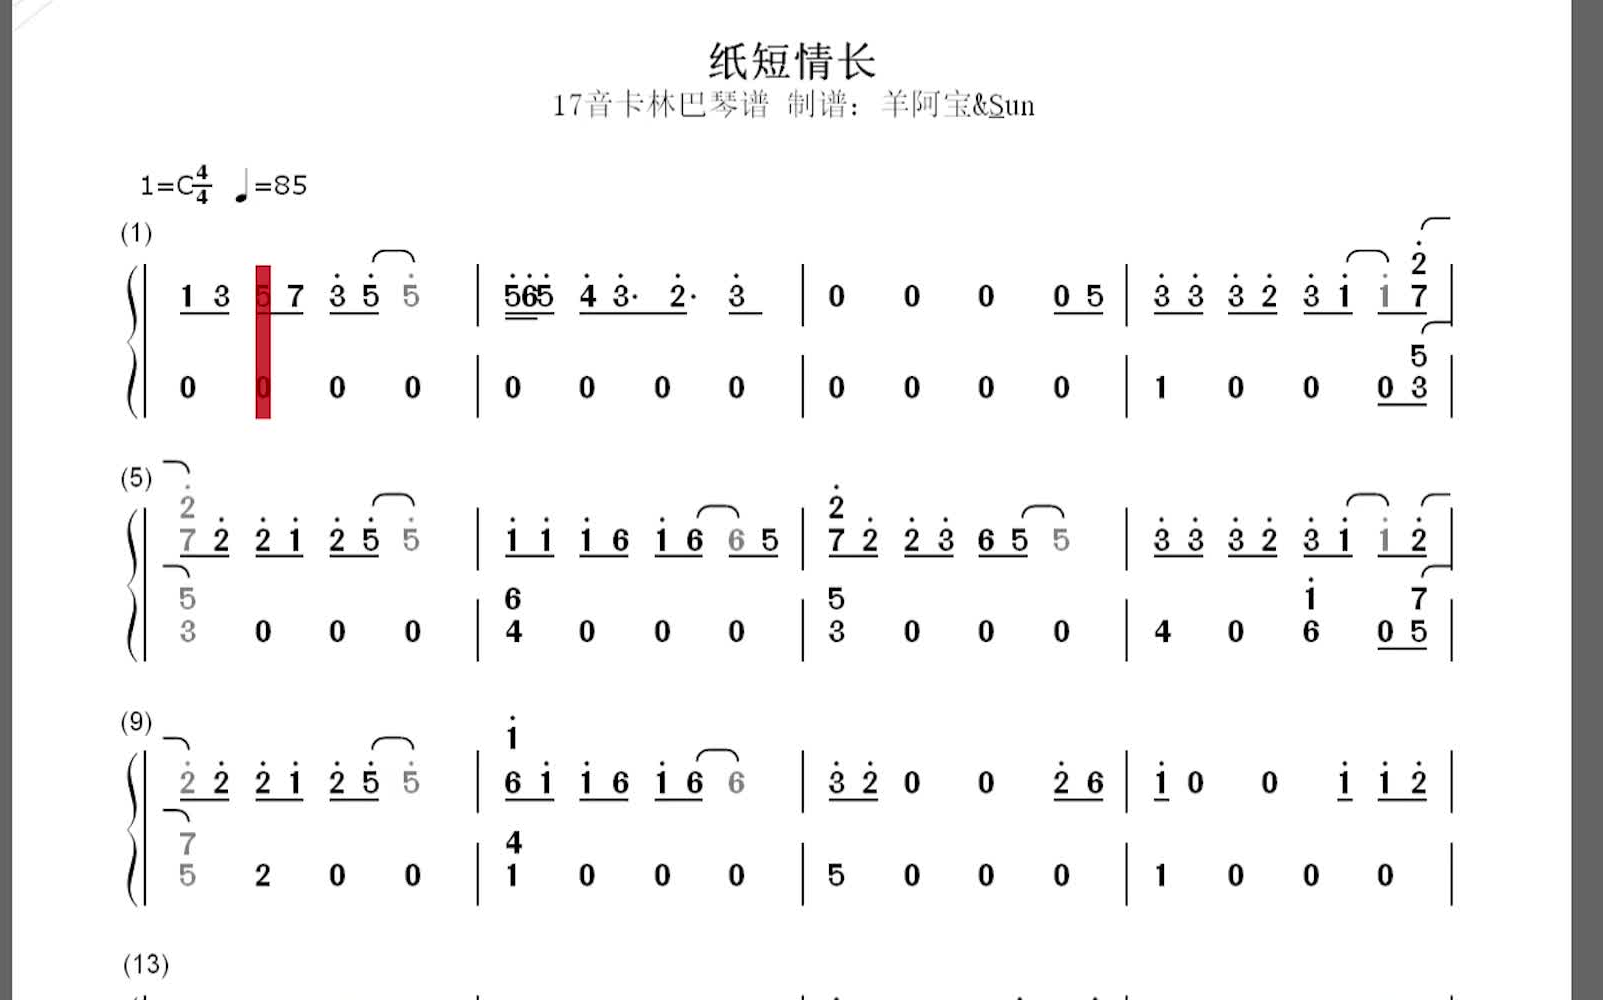 拇指琴简谱_拇指琴17键数字简谱